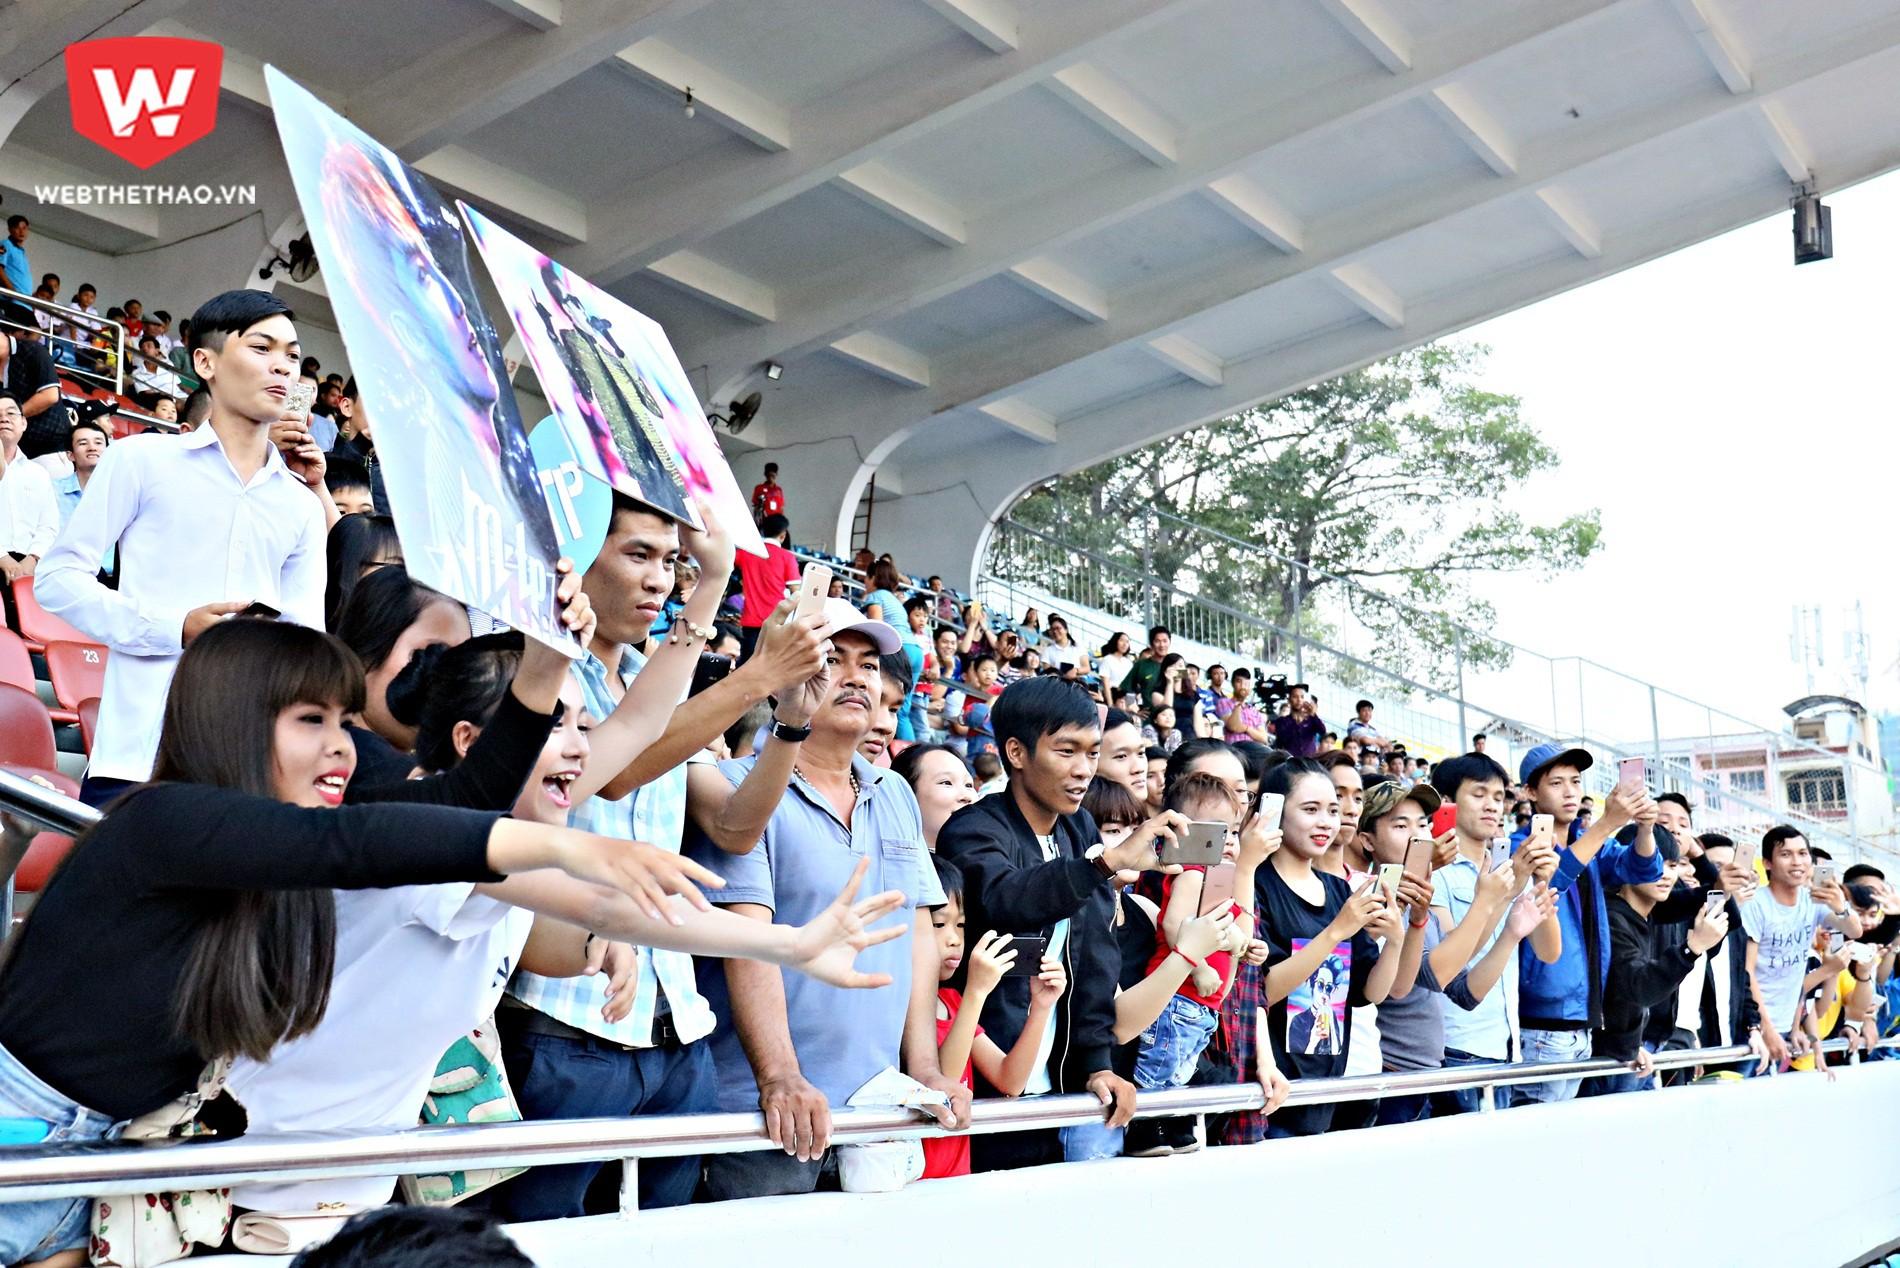 Hiệu ứng lớn từ khán đài với sự sôi động từ các fan cuồng Sơn Tùng MTP. Ảnh: Văn Nhân